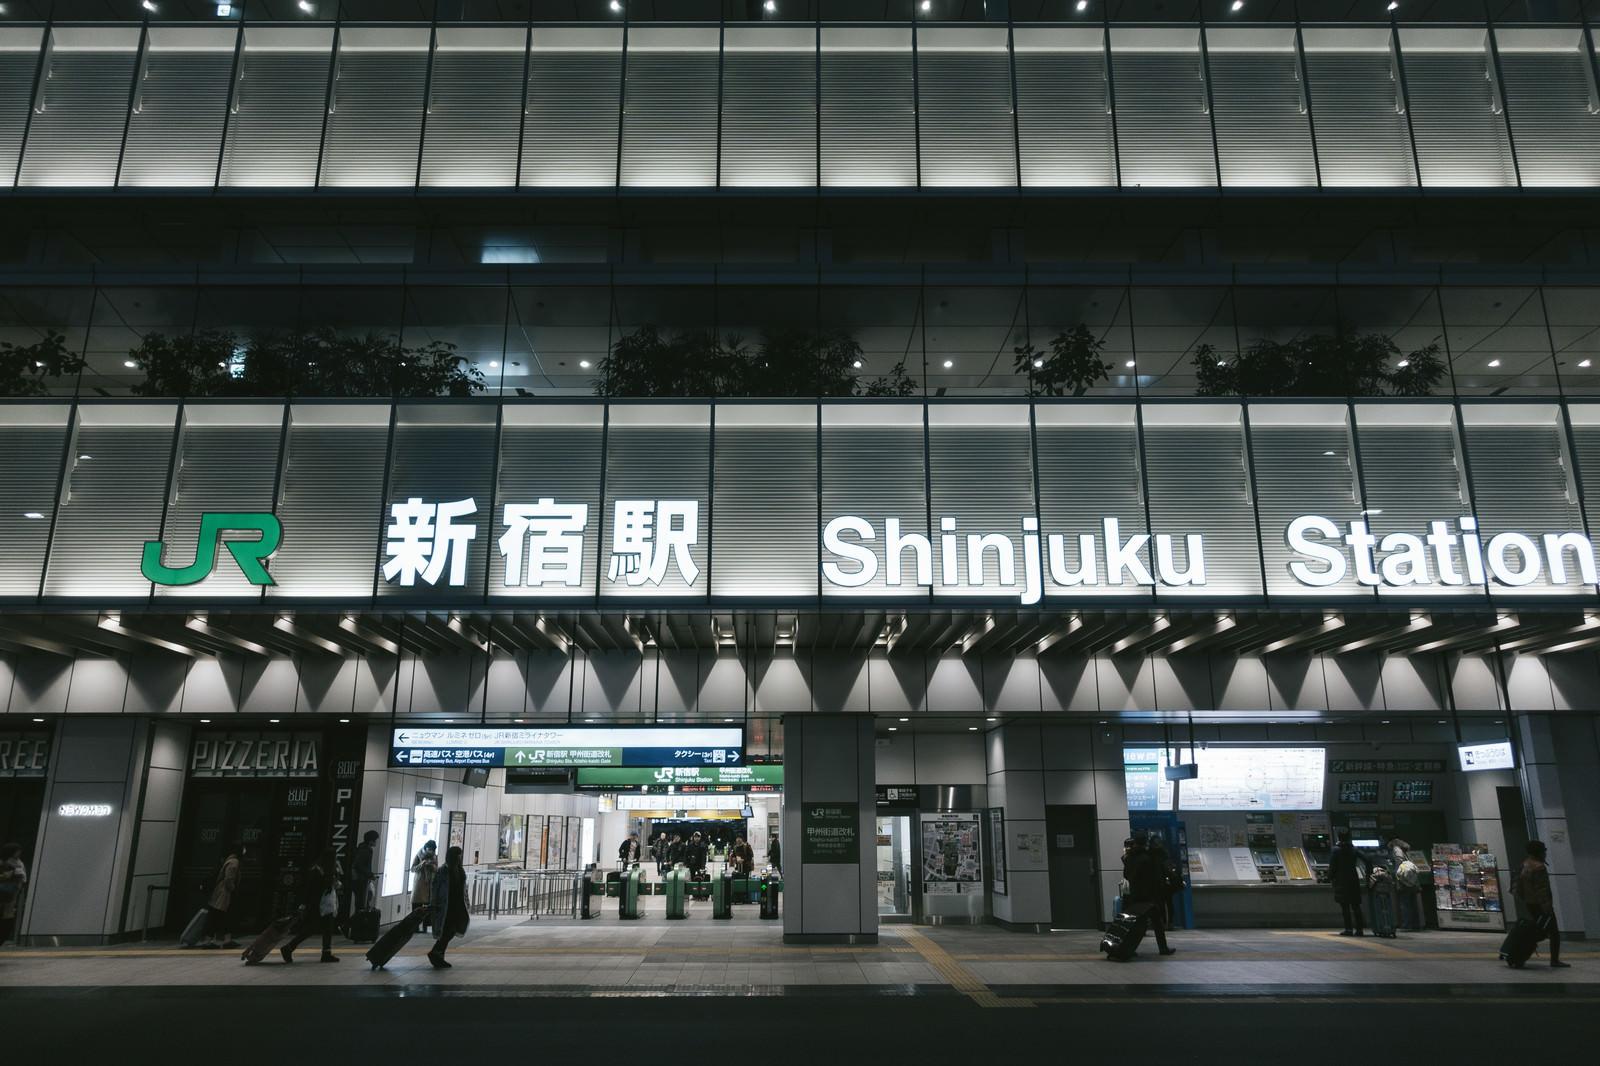 「朝早いJR新宿駅(甲州街道口)」の写真